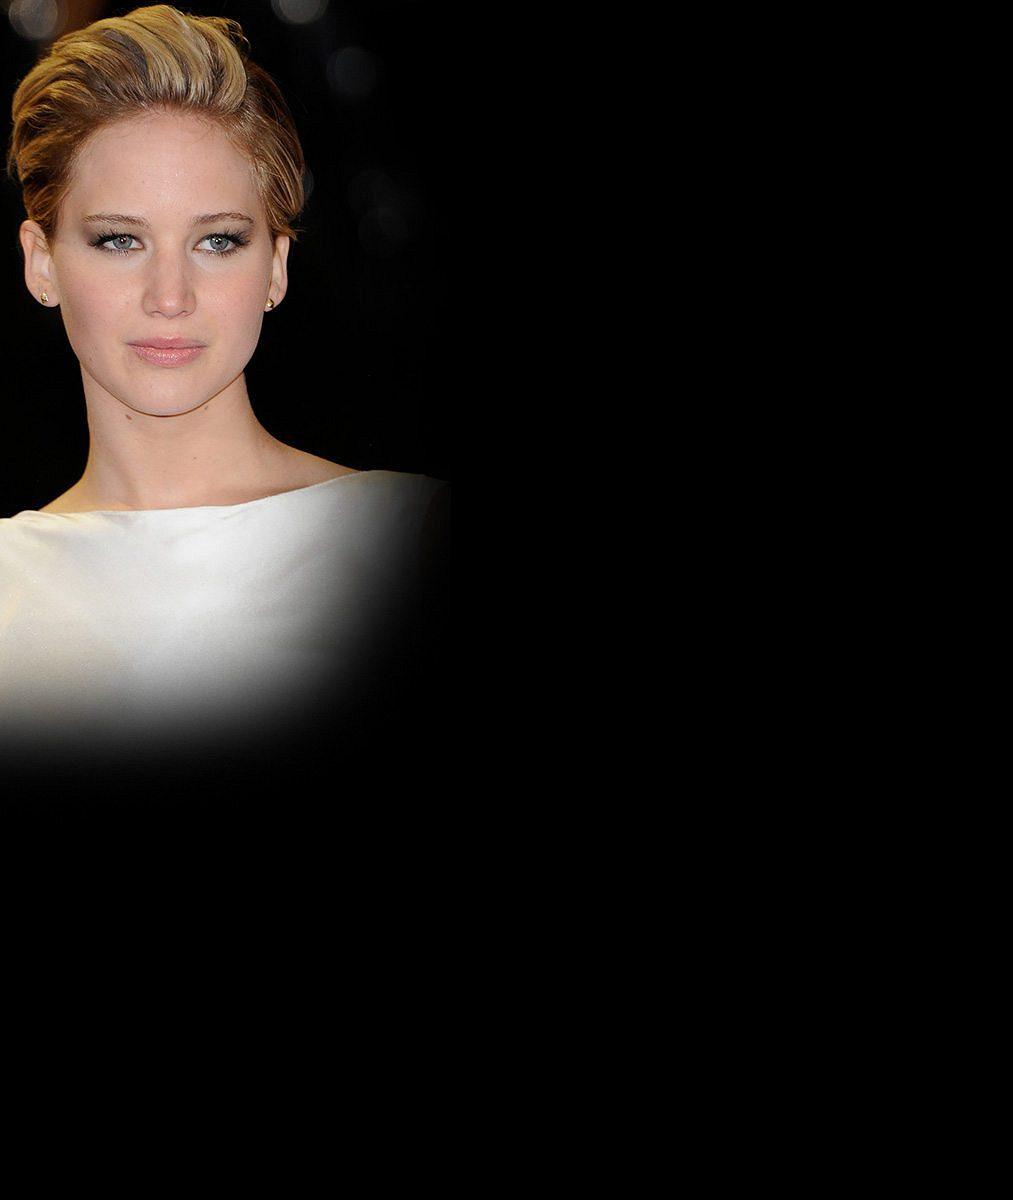 Exmanželovi Gwyneth Paltrow to nevyšlo s další oscarovou herečkou, rozešli se